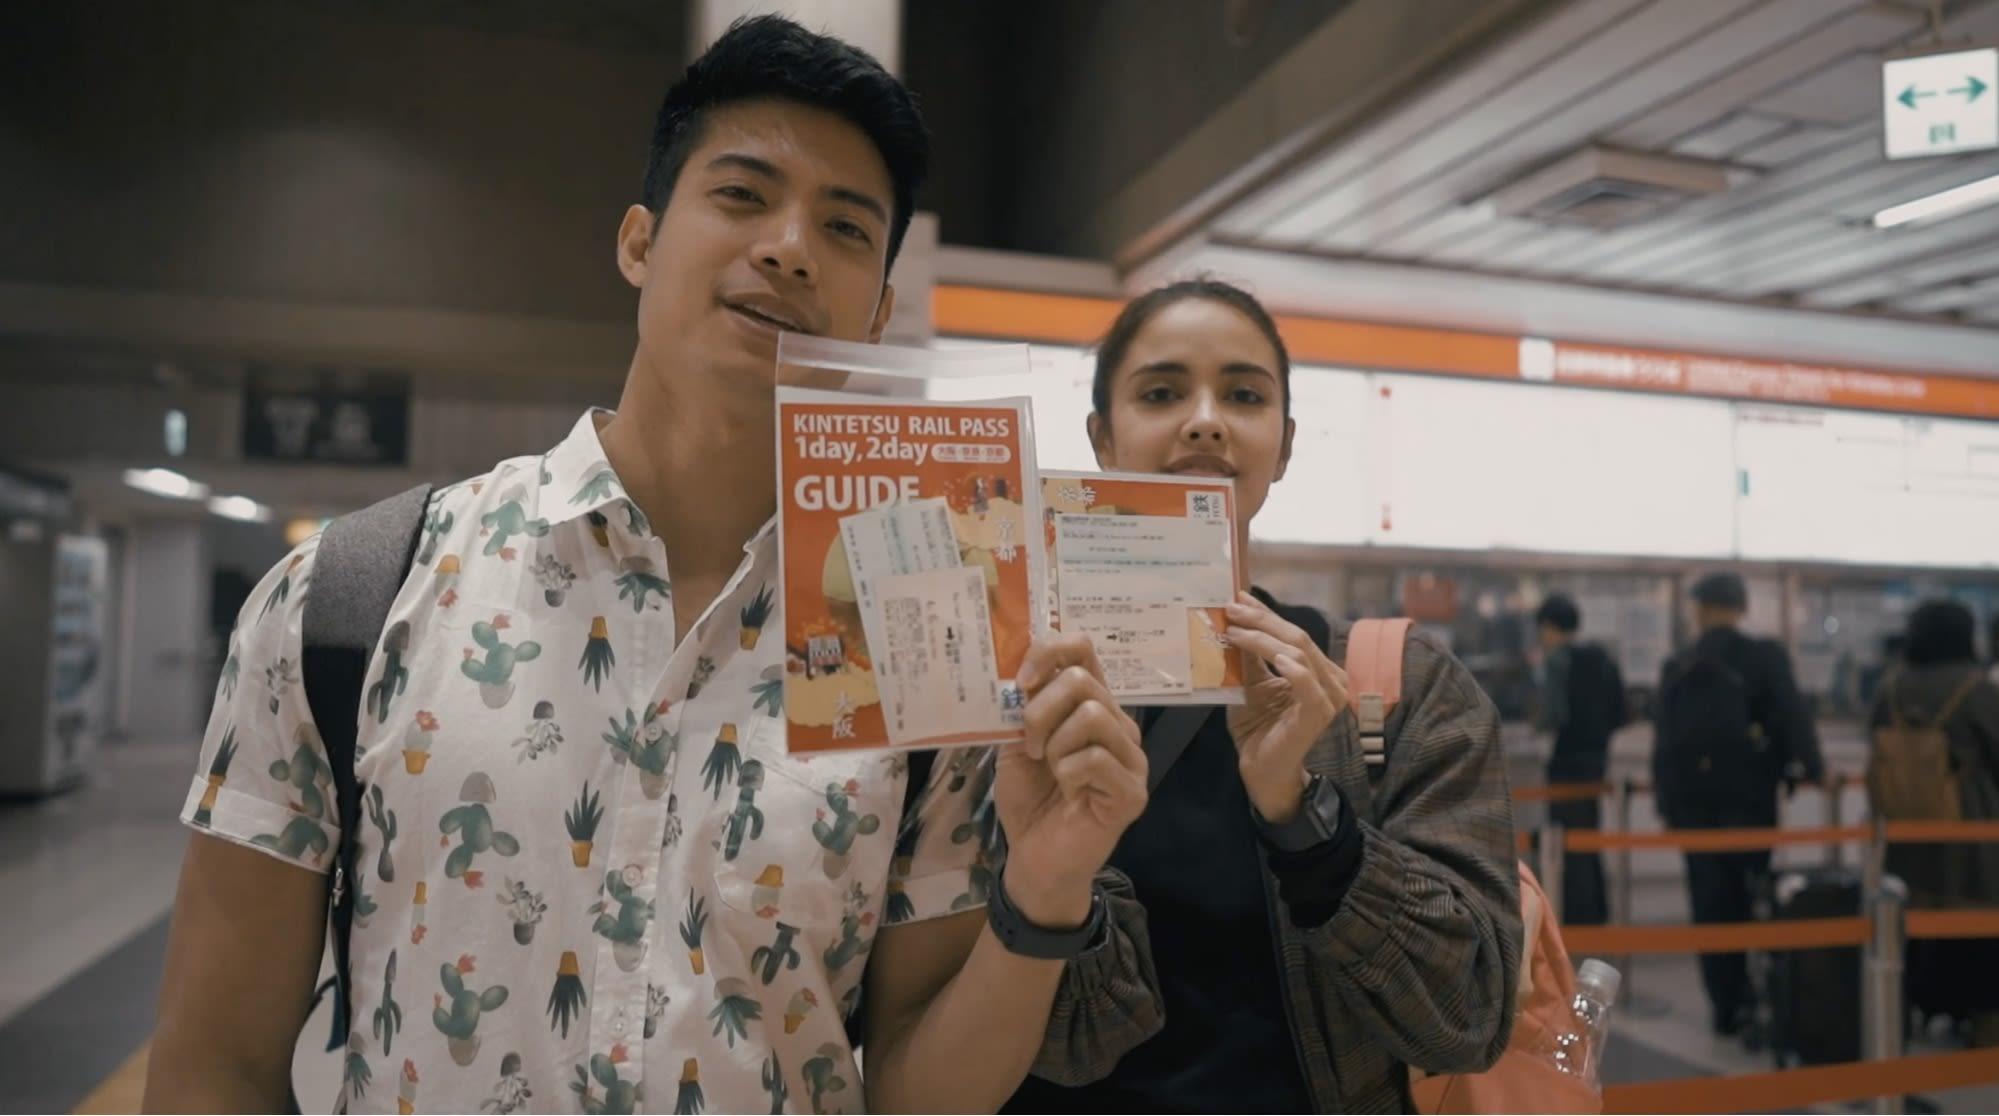 kintetsu rail pass